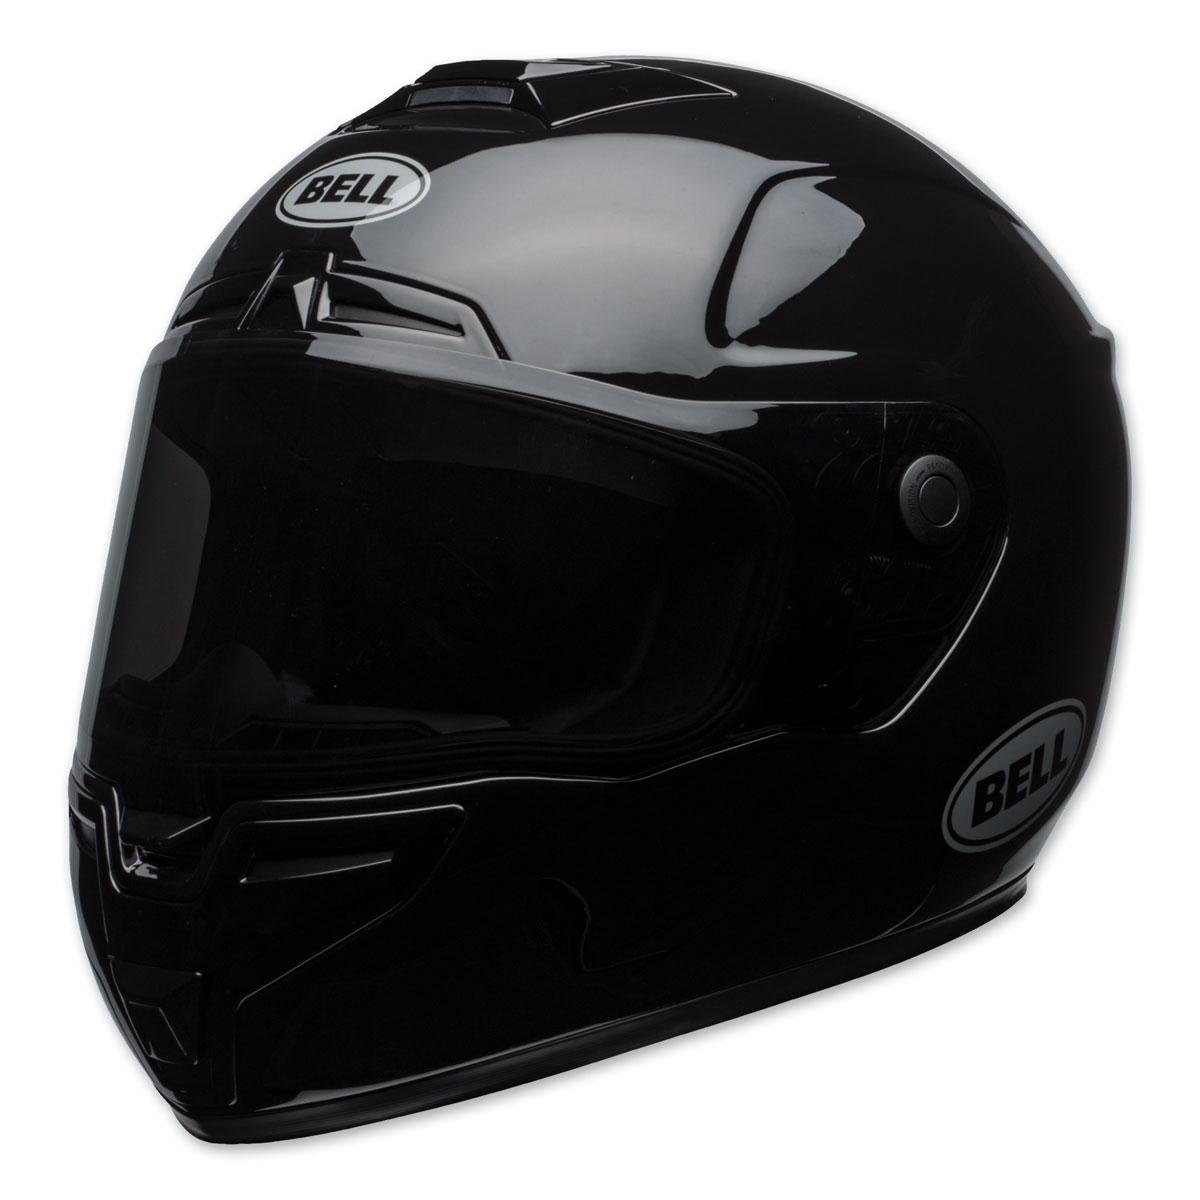 Bell SRT Gloss Black Full Face Helmet